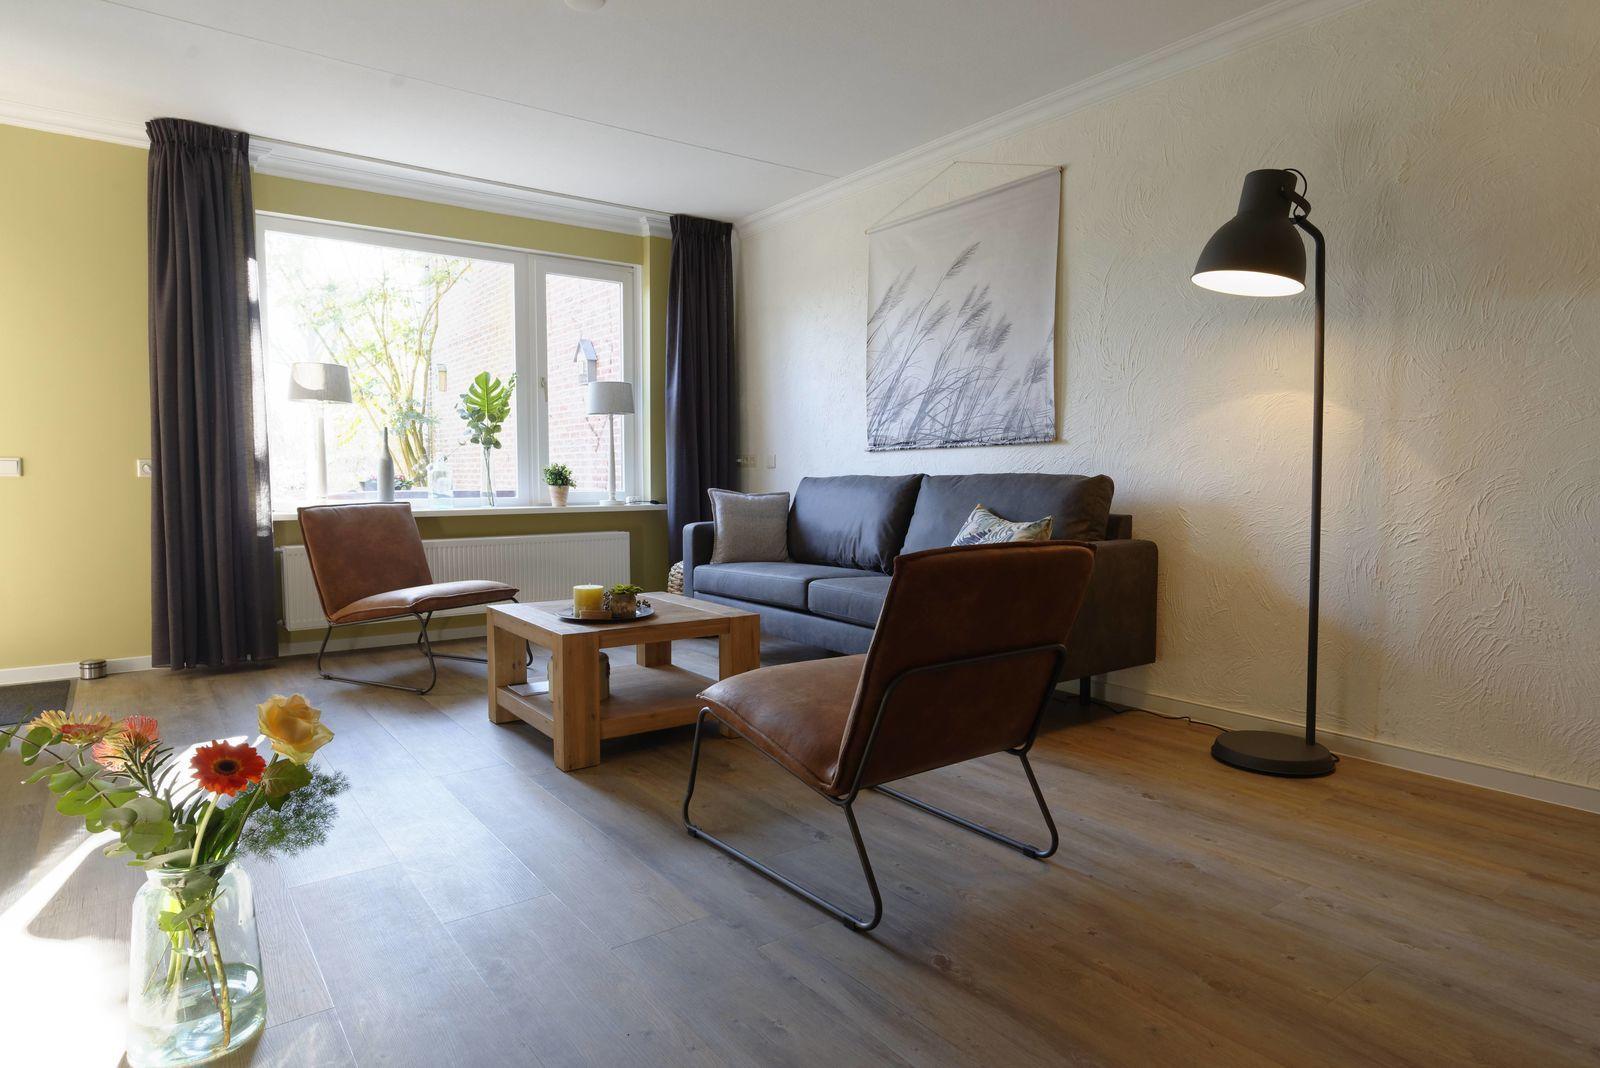 Ferienhaus für 4 Personen ca 70 m² in Veere Zeeland Küste von Zeeland